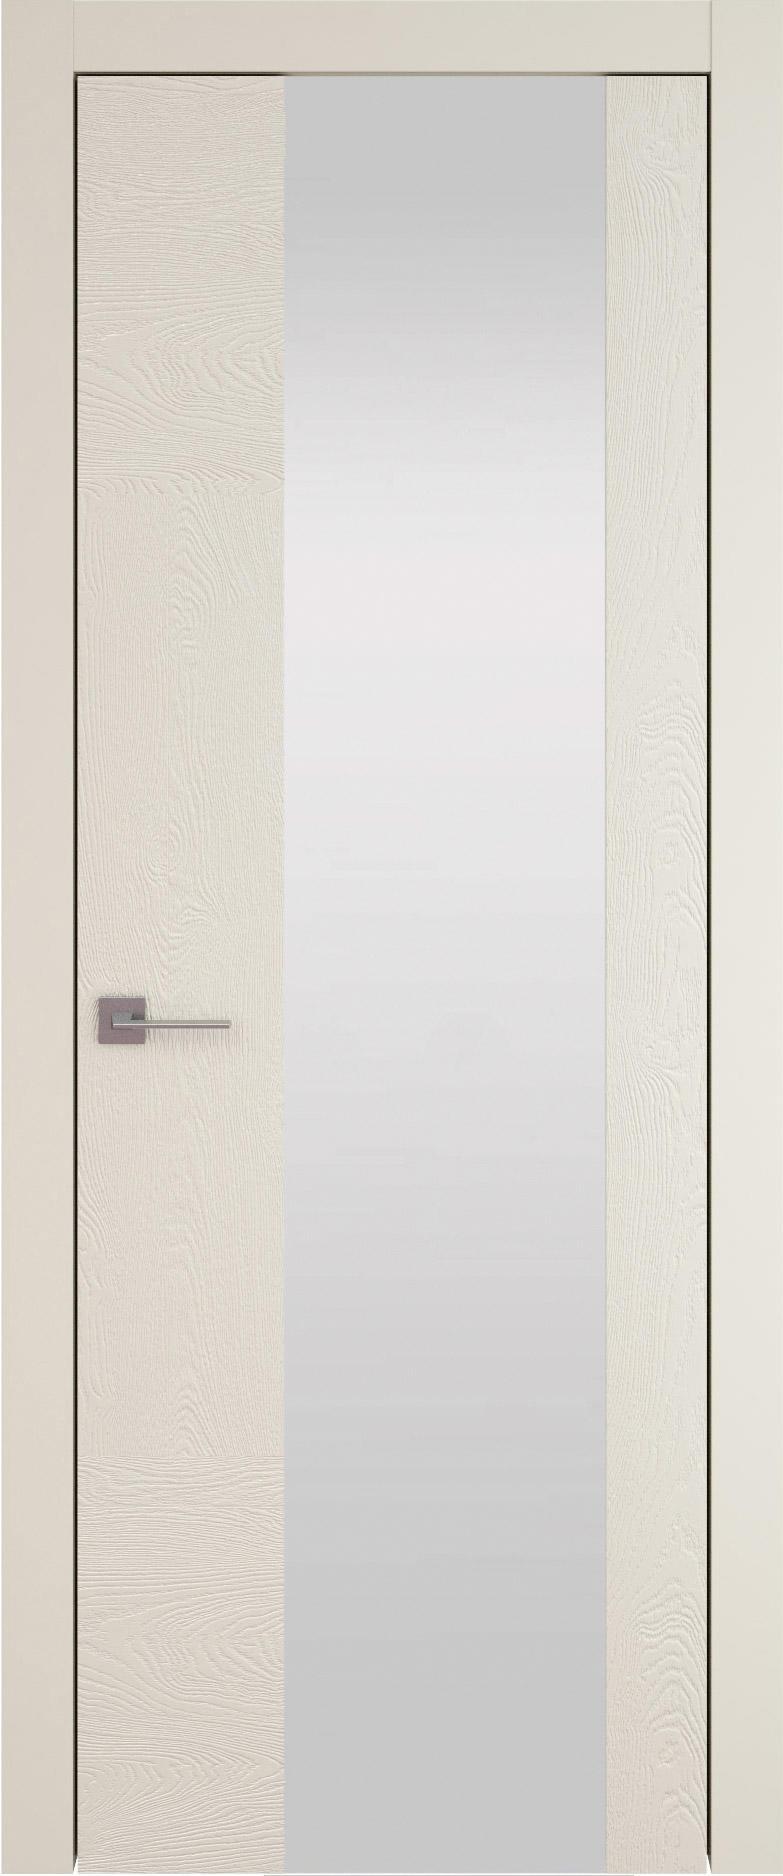 Tivoli Е-1 цвет - Жемчужная эмаль по шпону (RAL 1013) Со стеклом (ДО)